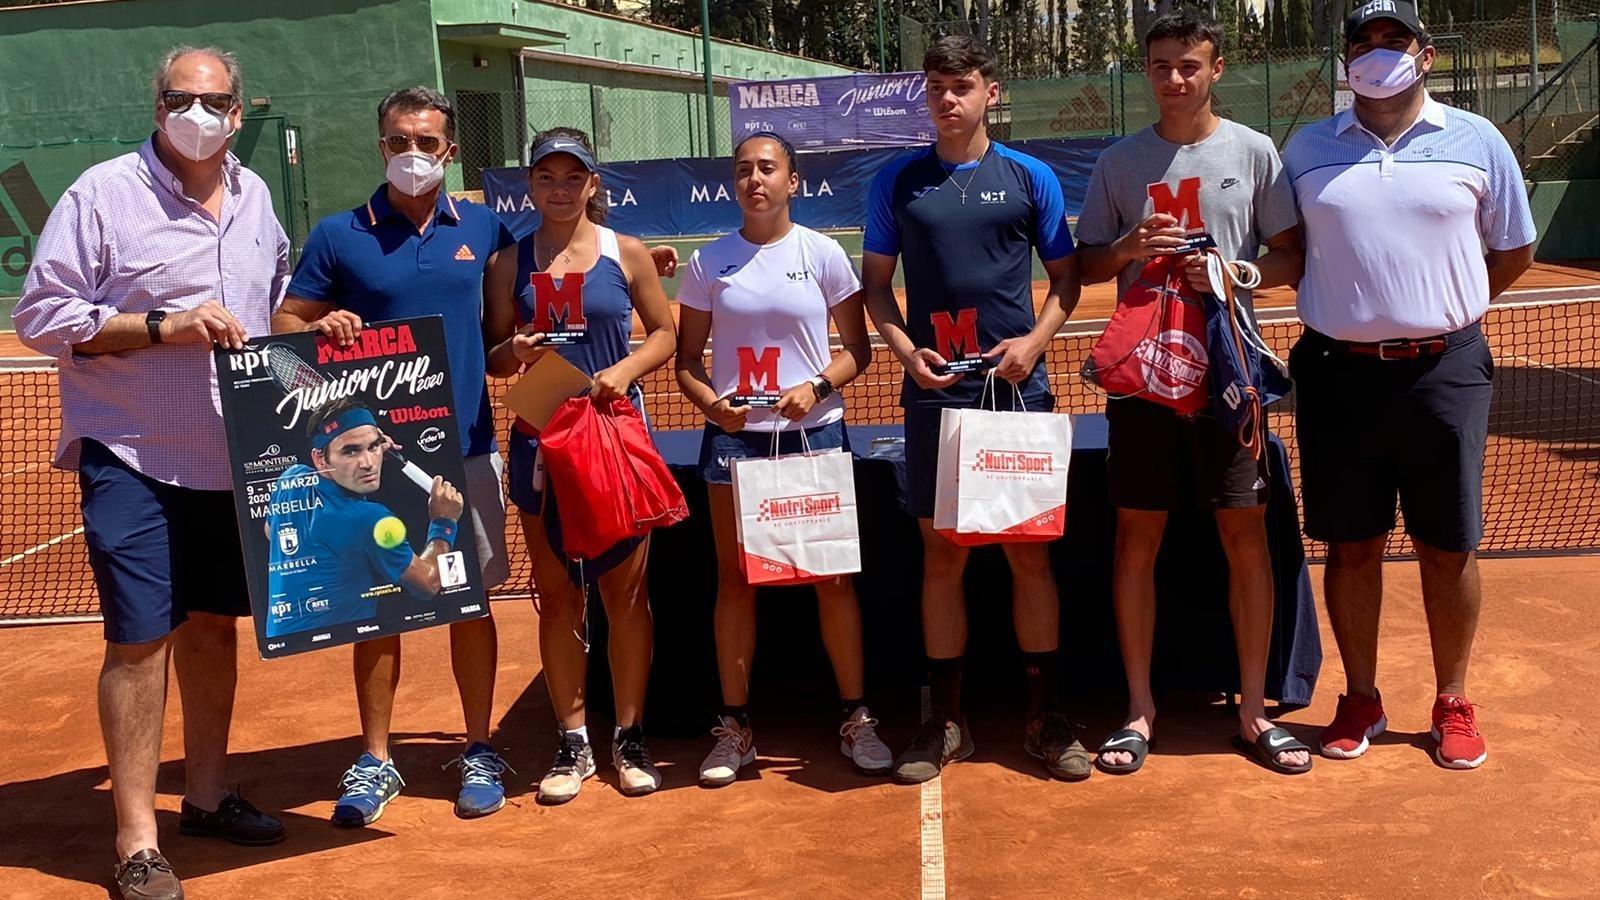 Campeones y finalistas junto a Luis Mediero, Mane Muñiz y Manuel...